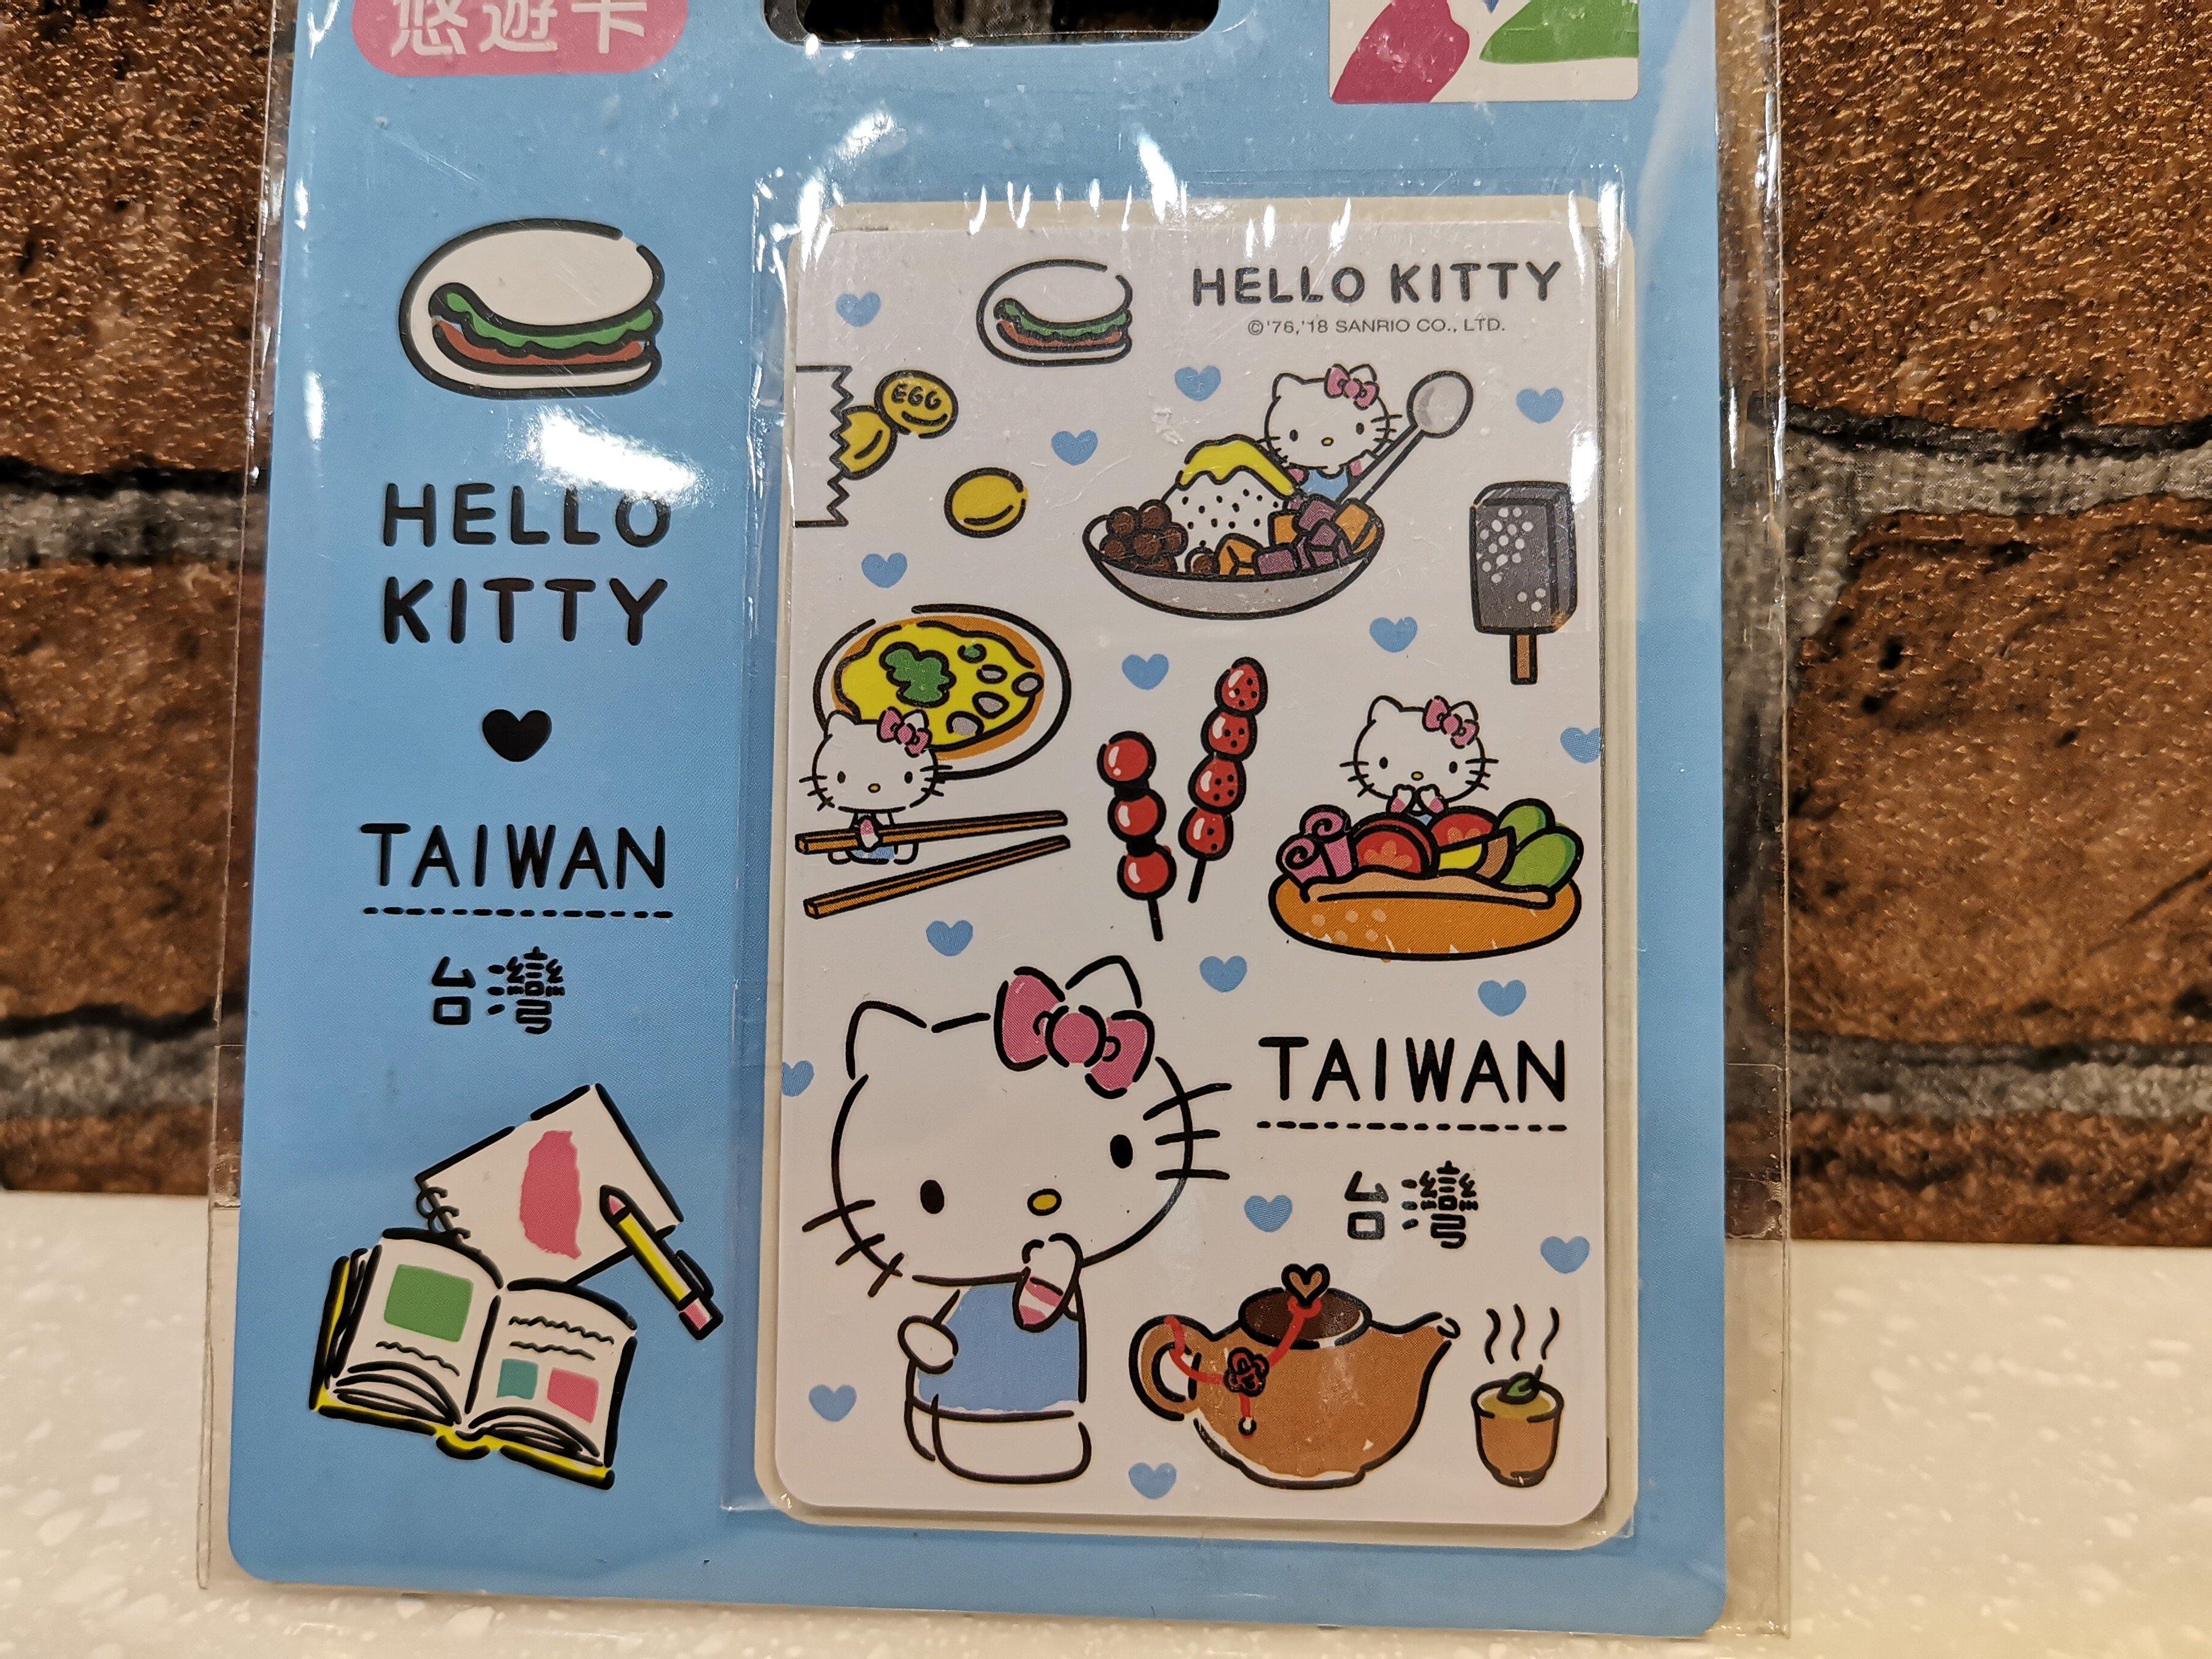 20小時出貨 Hello Kitty悠遊卡台灣美食運費可合併捷運卡公車卡火車卡7-11全家OK萊爾富超商可支付KITTY